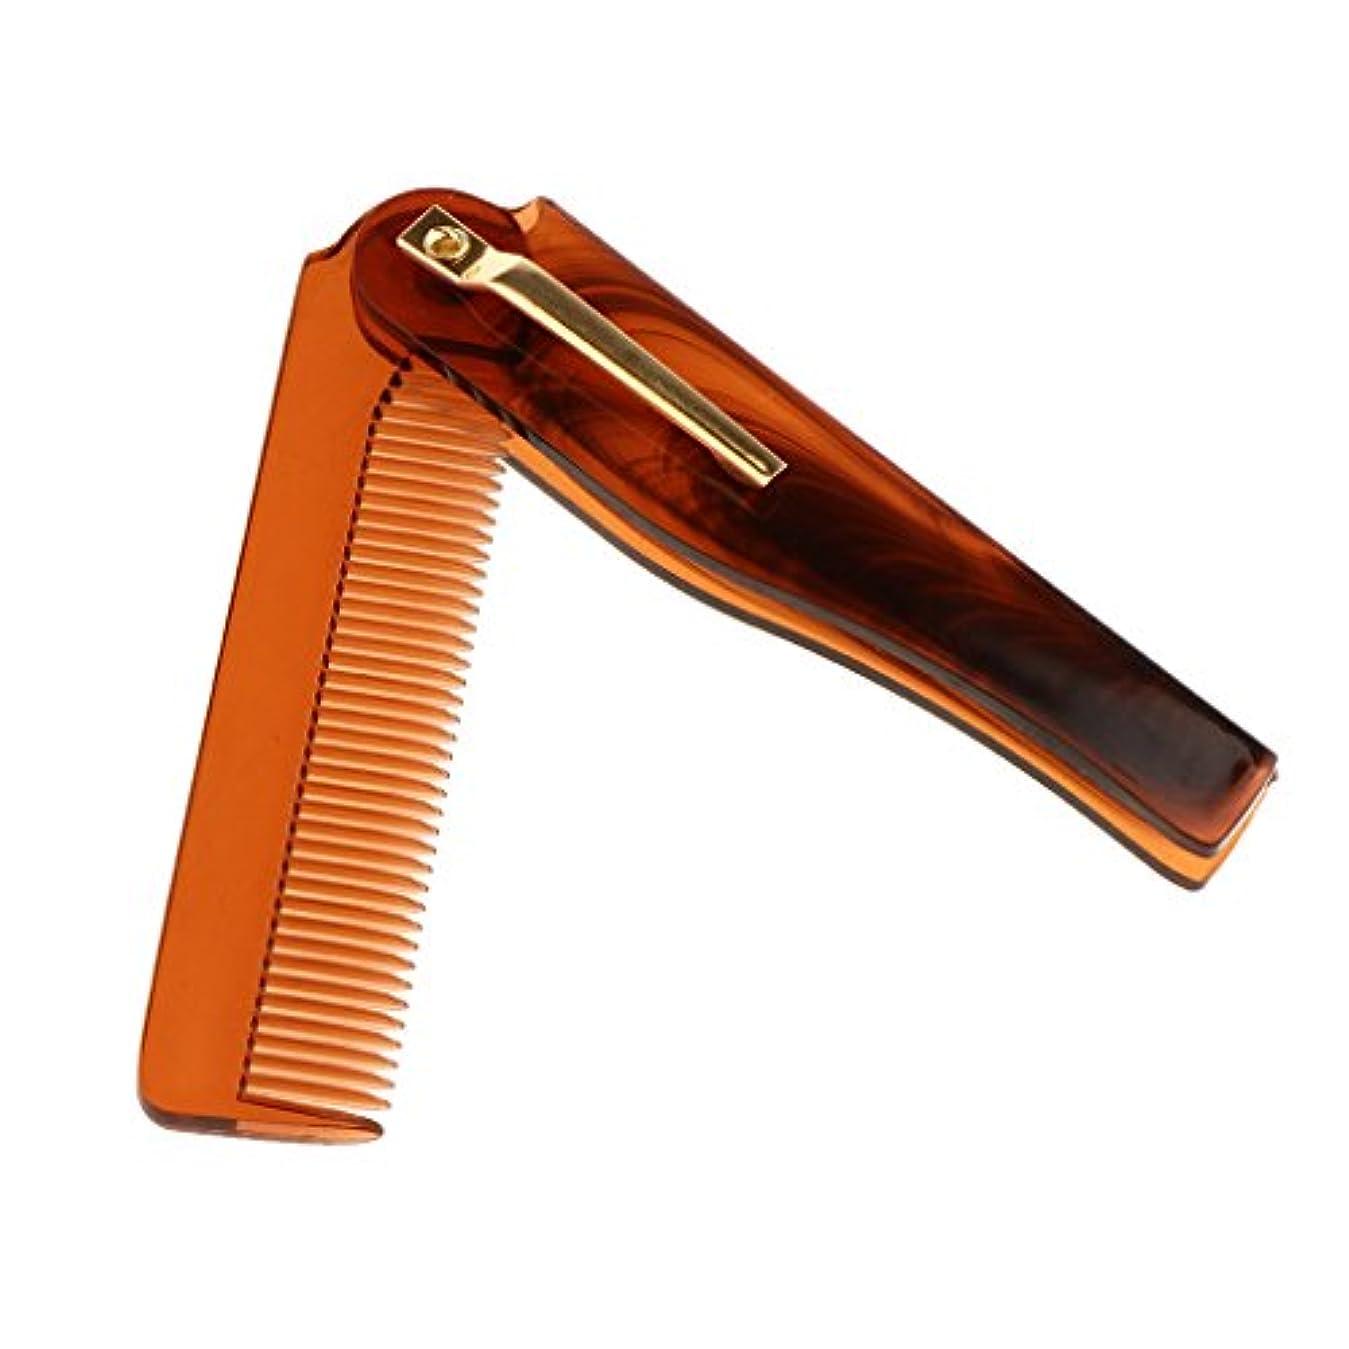 感情おっと診断するToygogo ひげ剃り 髭剃り櫛 髭剃りコーム エッジ削り 用品 メンズ メイク アクセサリー 2個セット